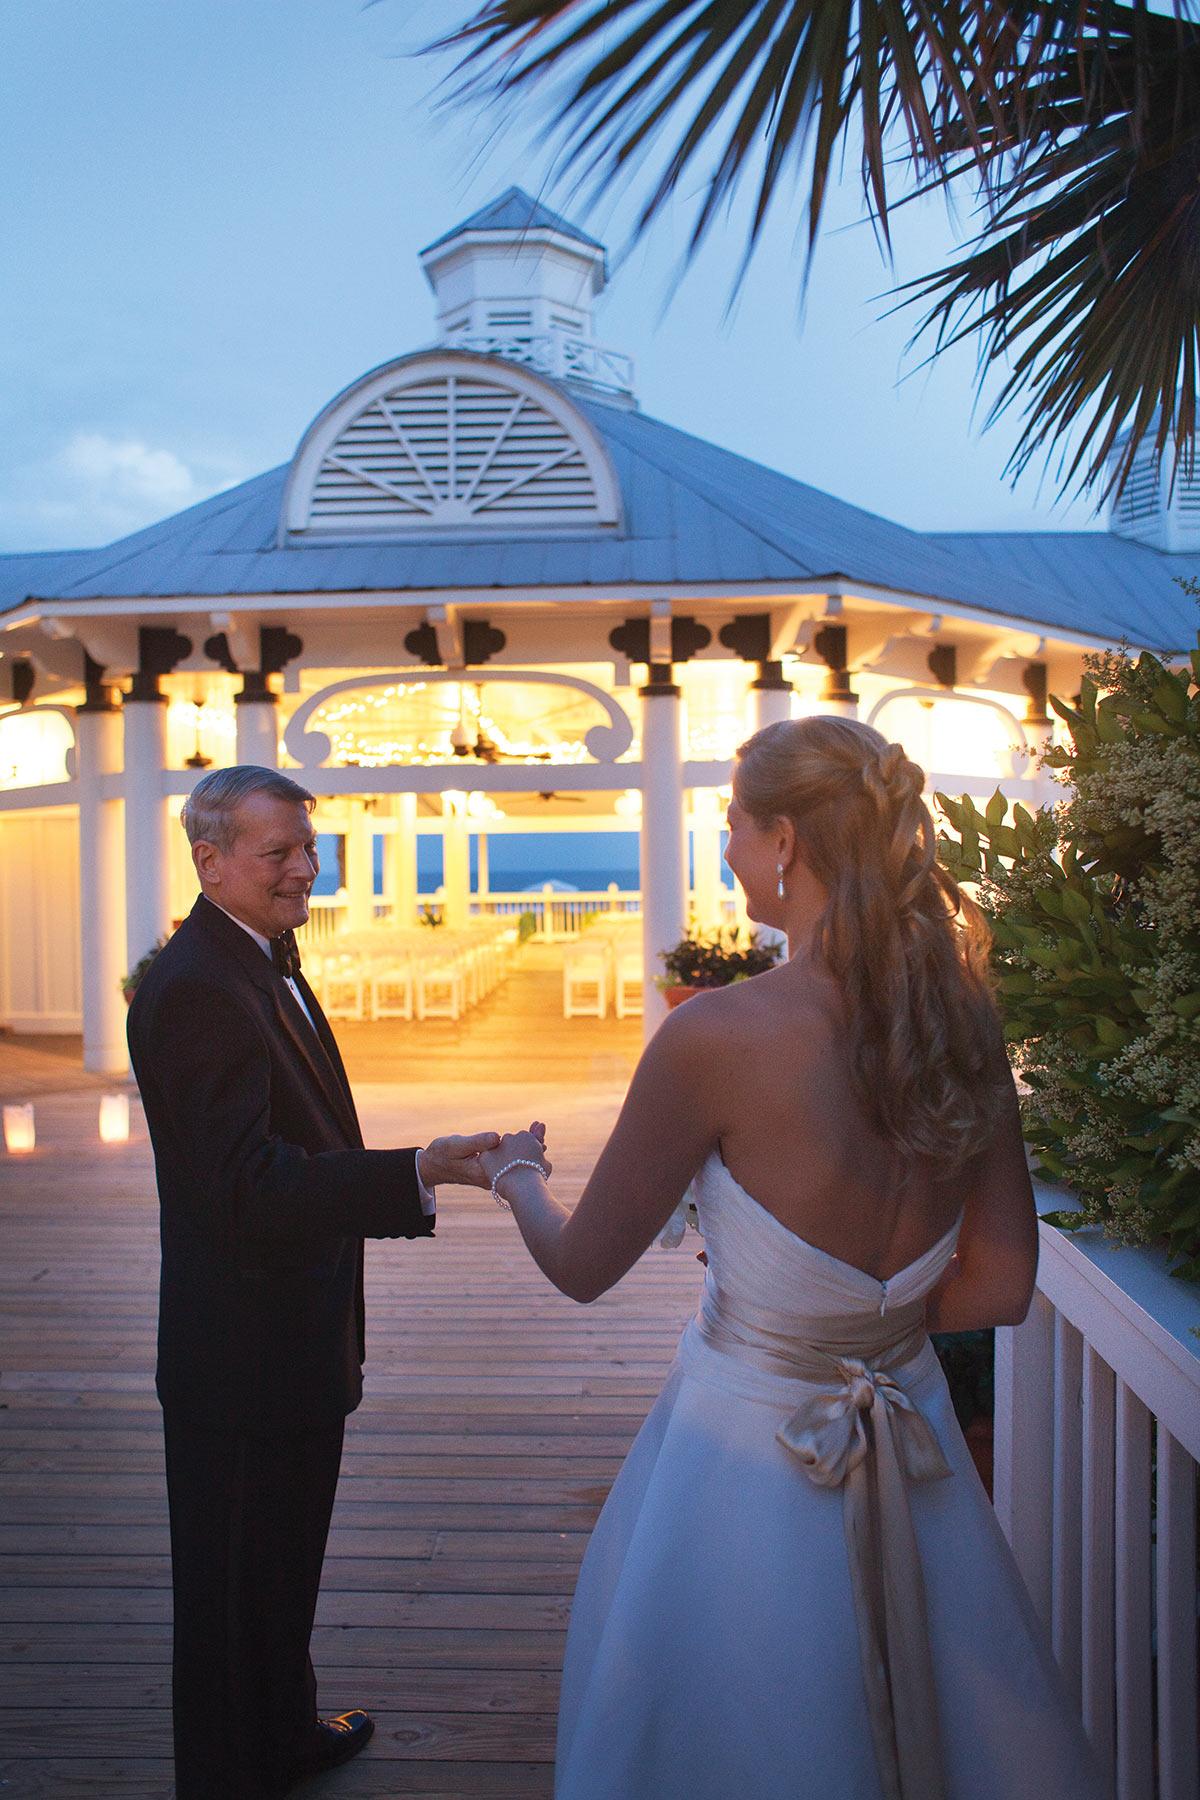 Wedding Bliss Awaits